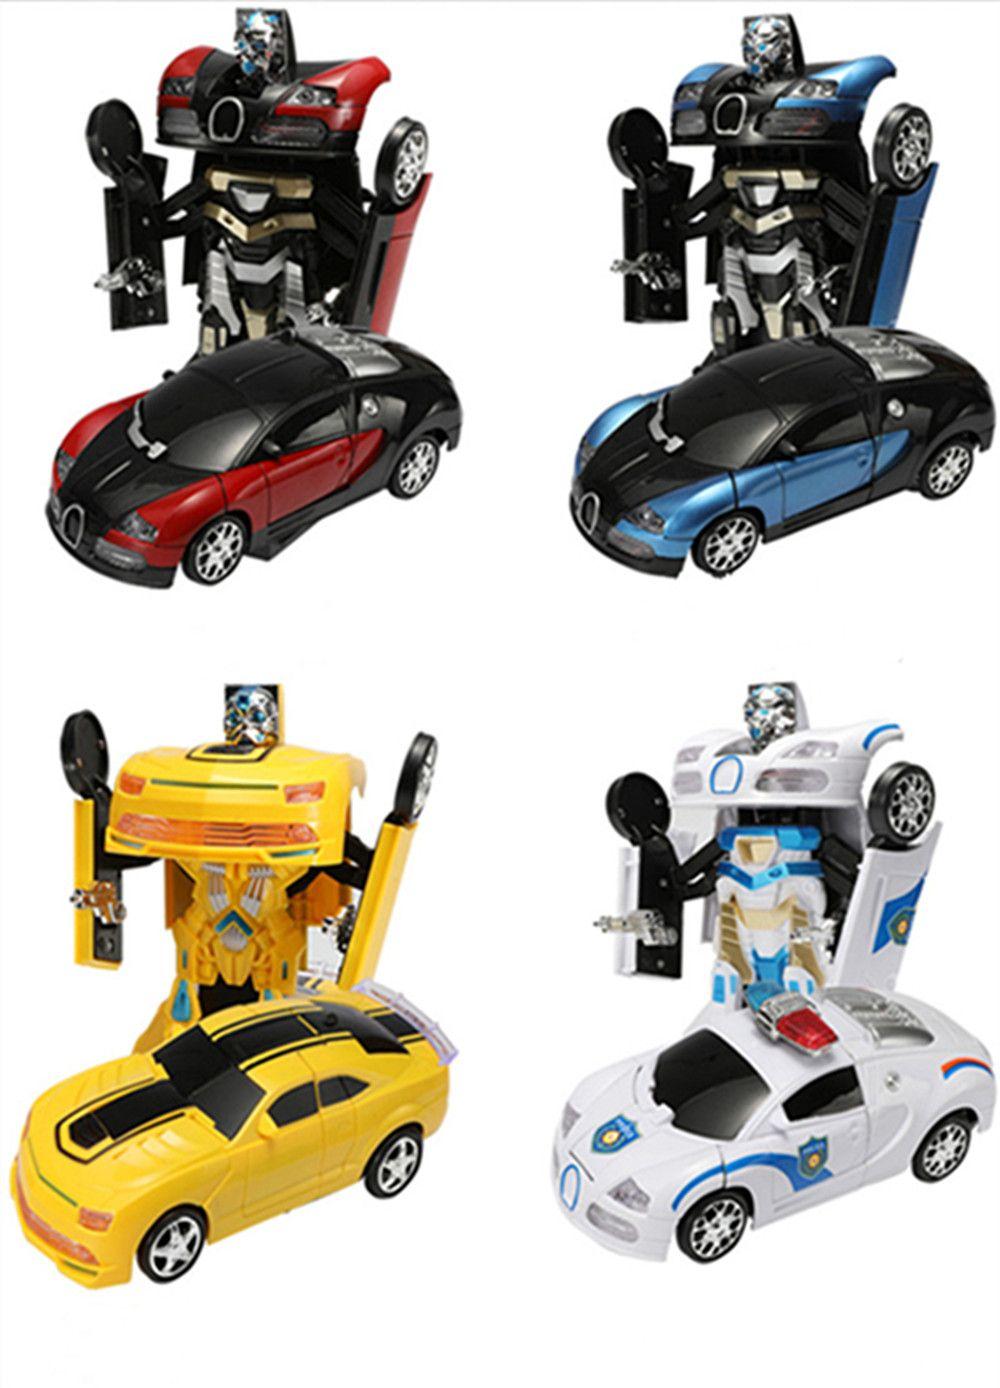 تشوه السيارات الكلاسيكية Transformerring التلقائي روبوت البلاستيك نموذج سيارة ألعاب التعليم للبنين هدايا مذهلة للأطفال سوبر سيارة رياضية الطفل